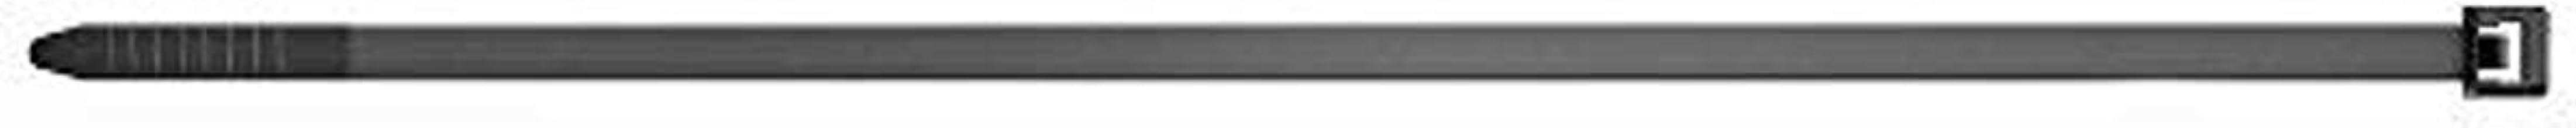 fischer Kabelbinders UBN, hoogwaardige kabelhouderset (100 stuks. 2,5 x 200 mm) van nylon polyamide, voor het bevestigen v...